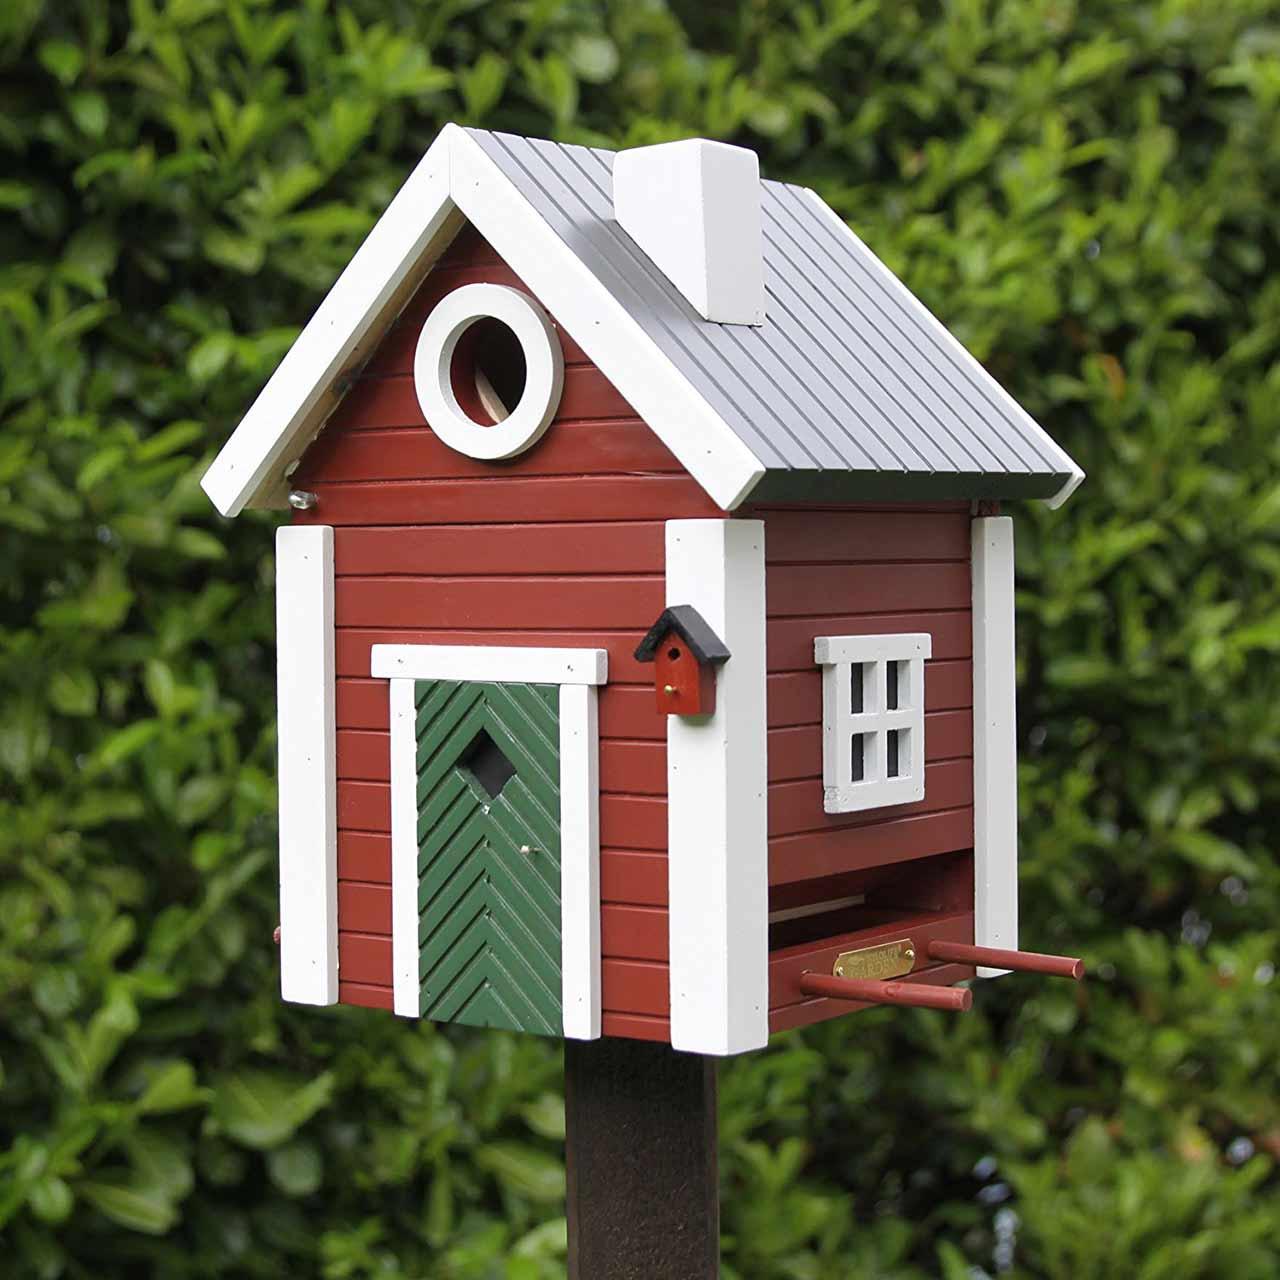 WILDLIFE GARDEN Bird Feeder & Nesting Box Red Cottage | the design gift shop